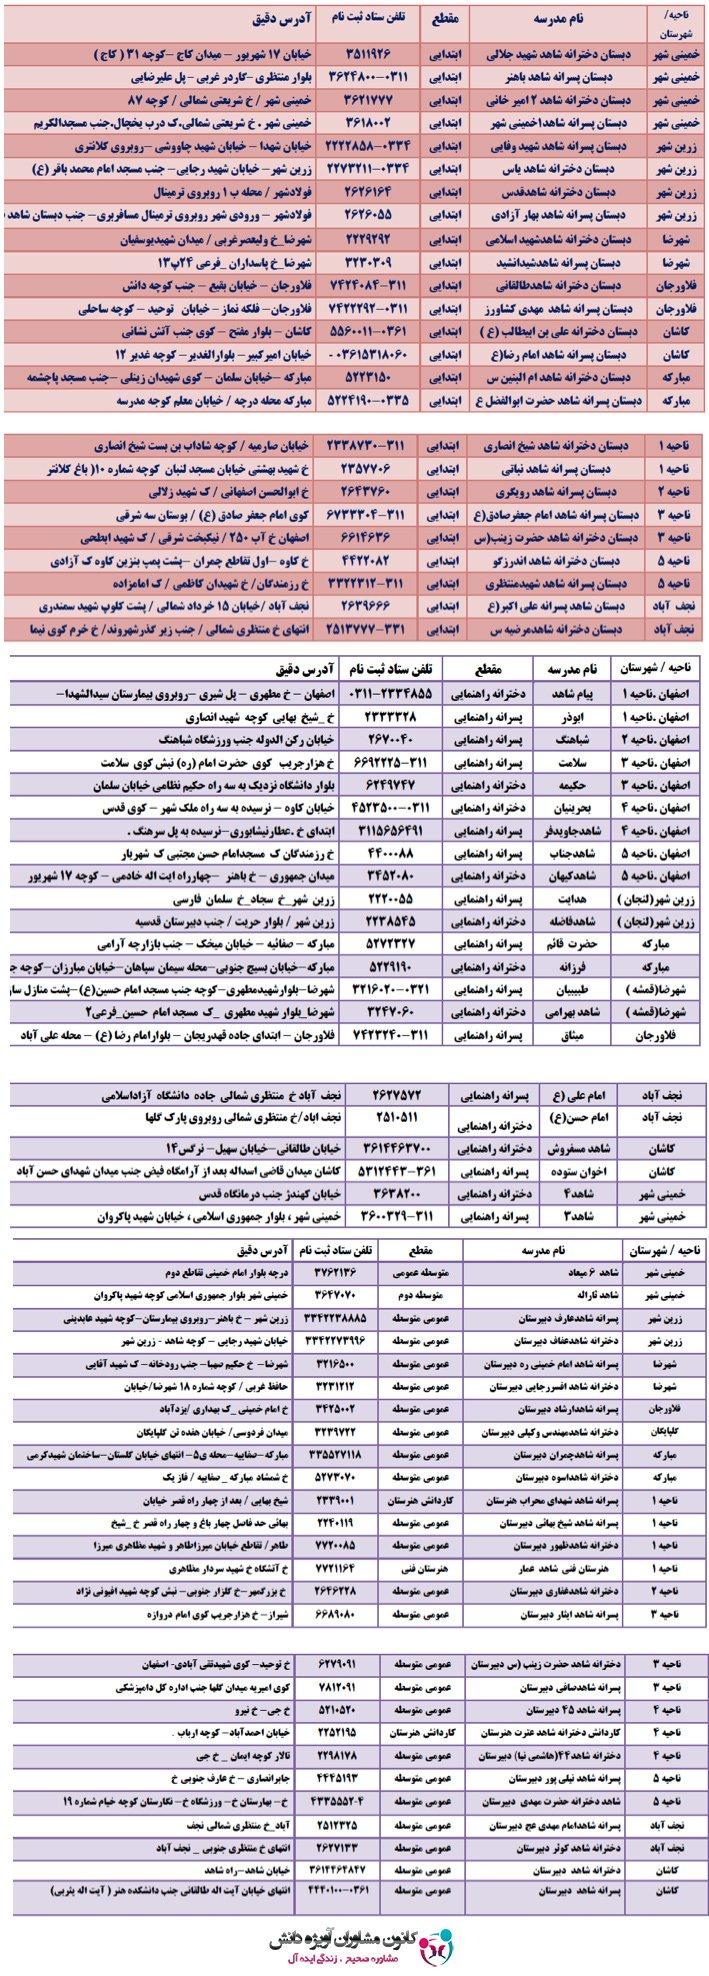 مدارس شاهد اصفهان